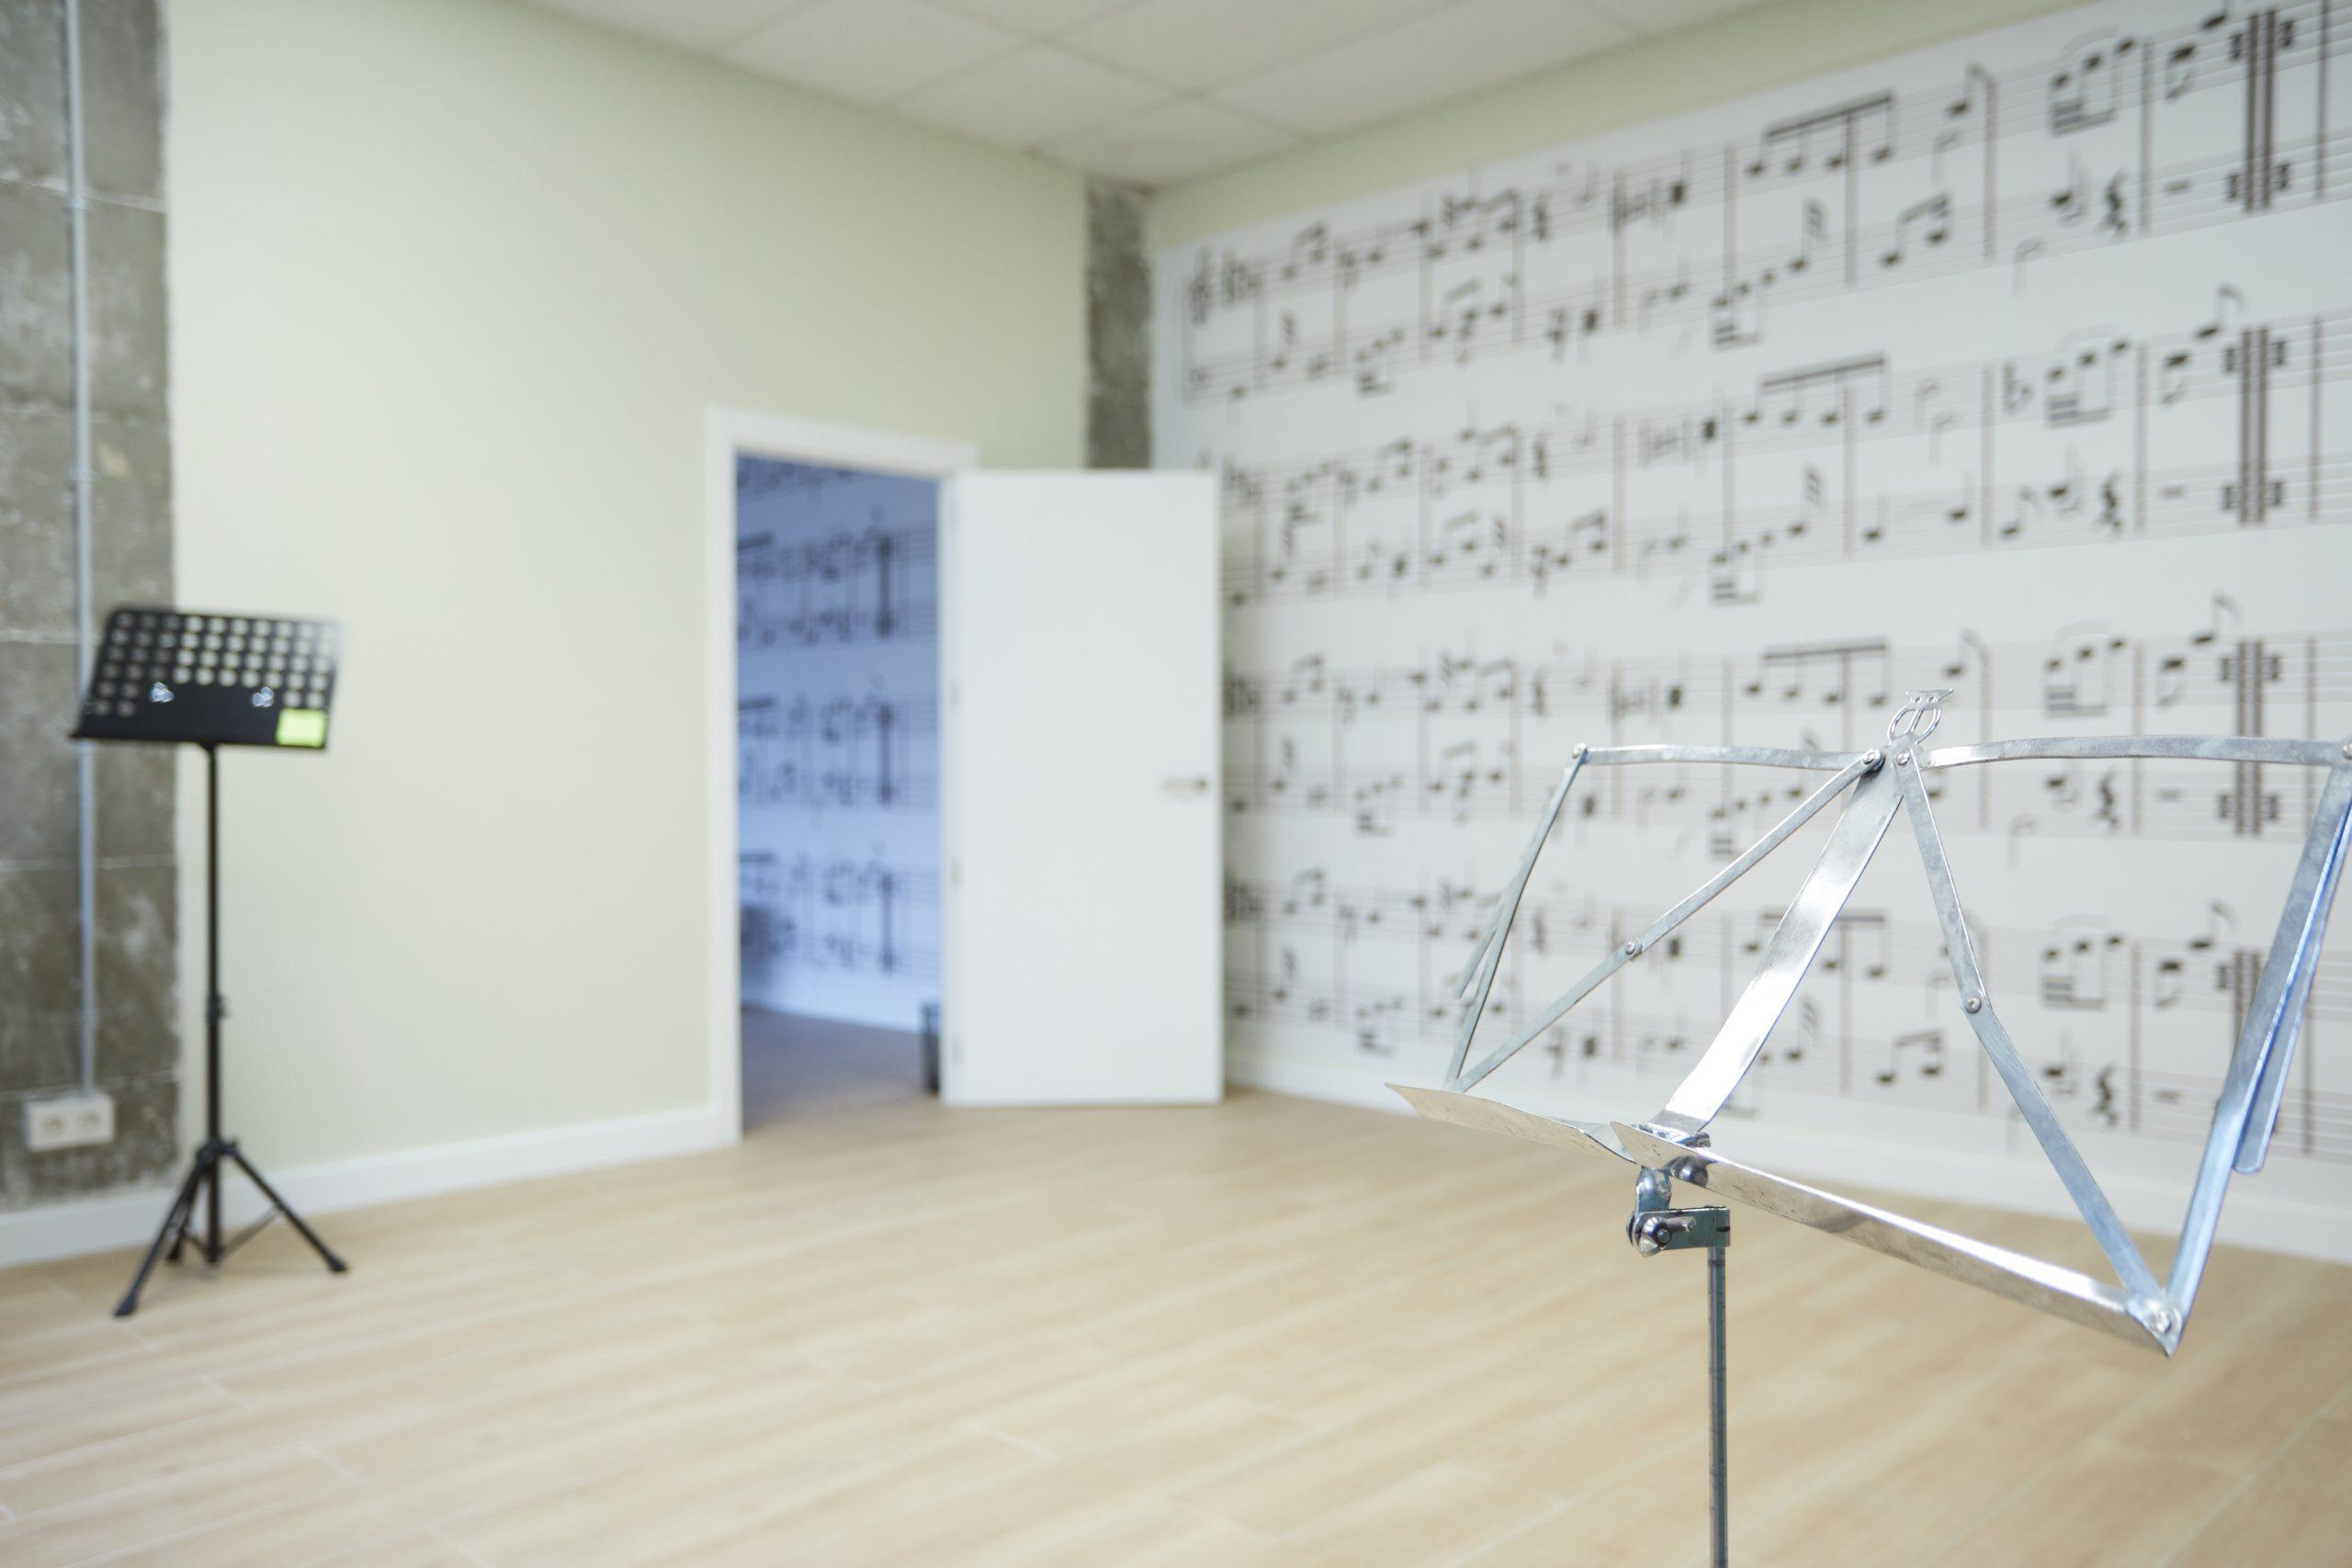 Alquiler de espacios - Aula Grande Tempo Musical